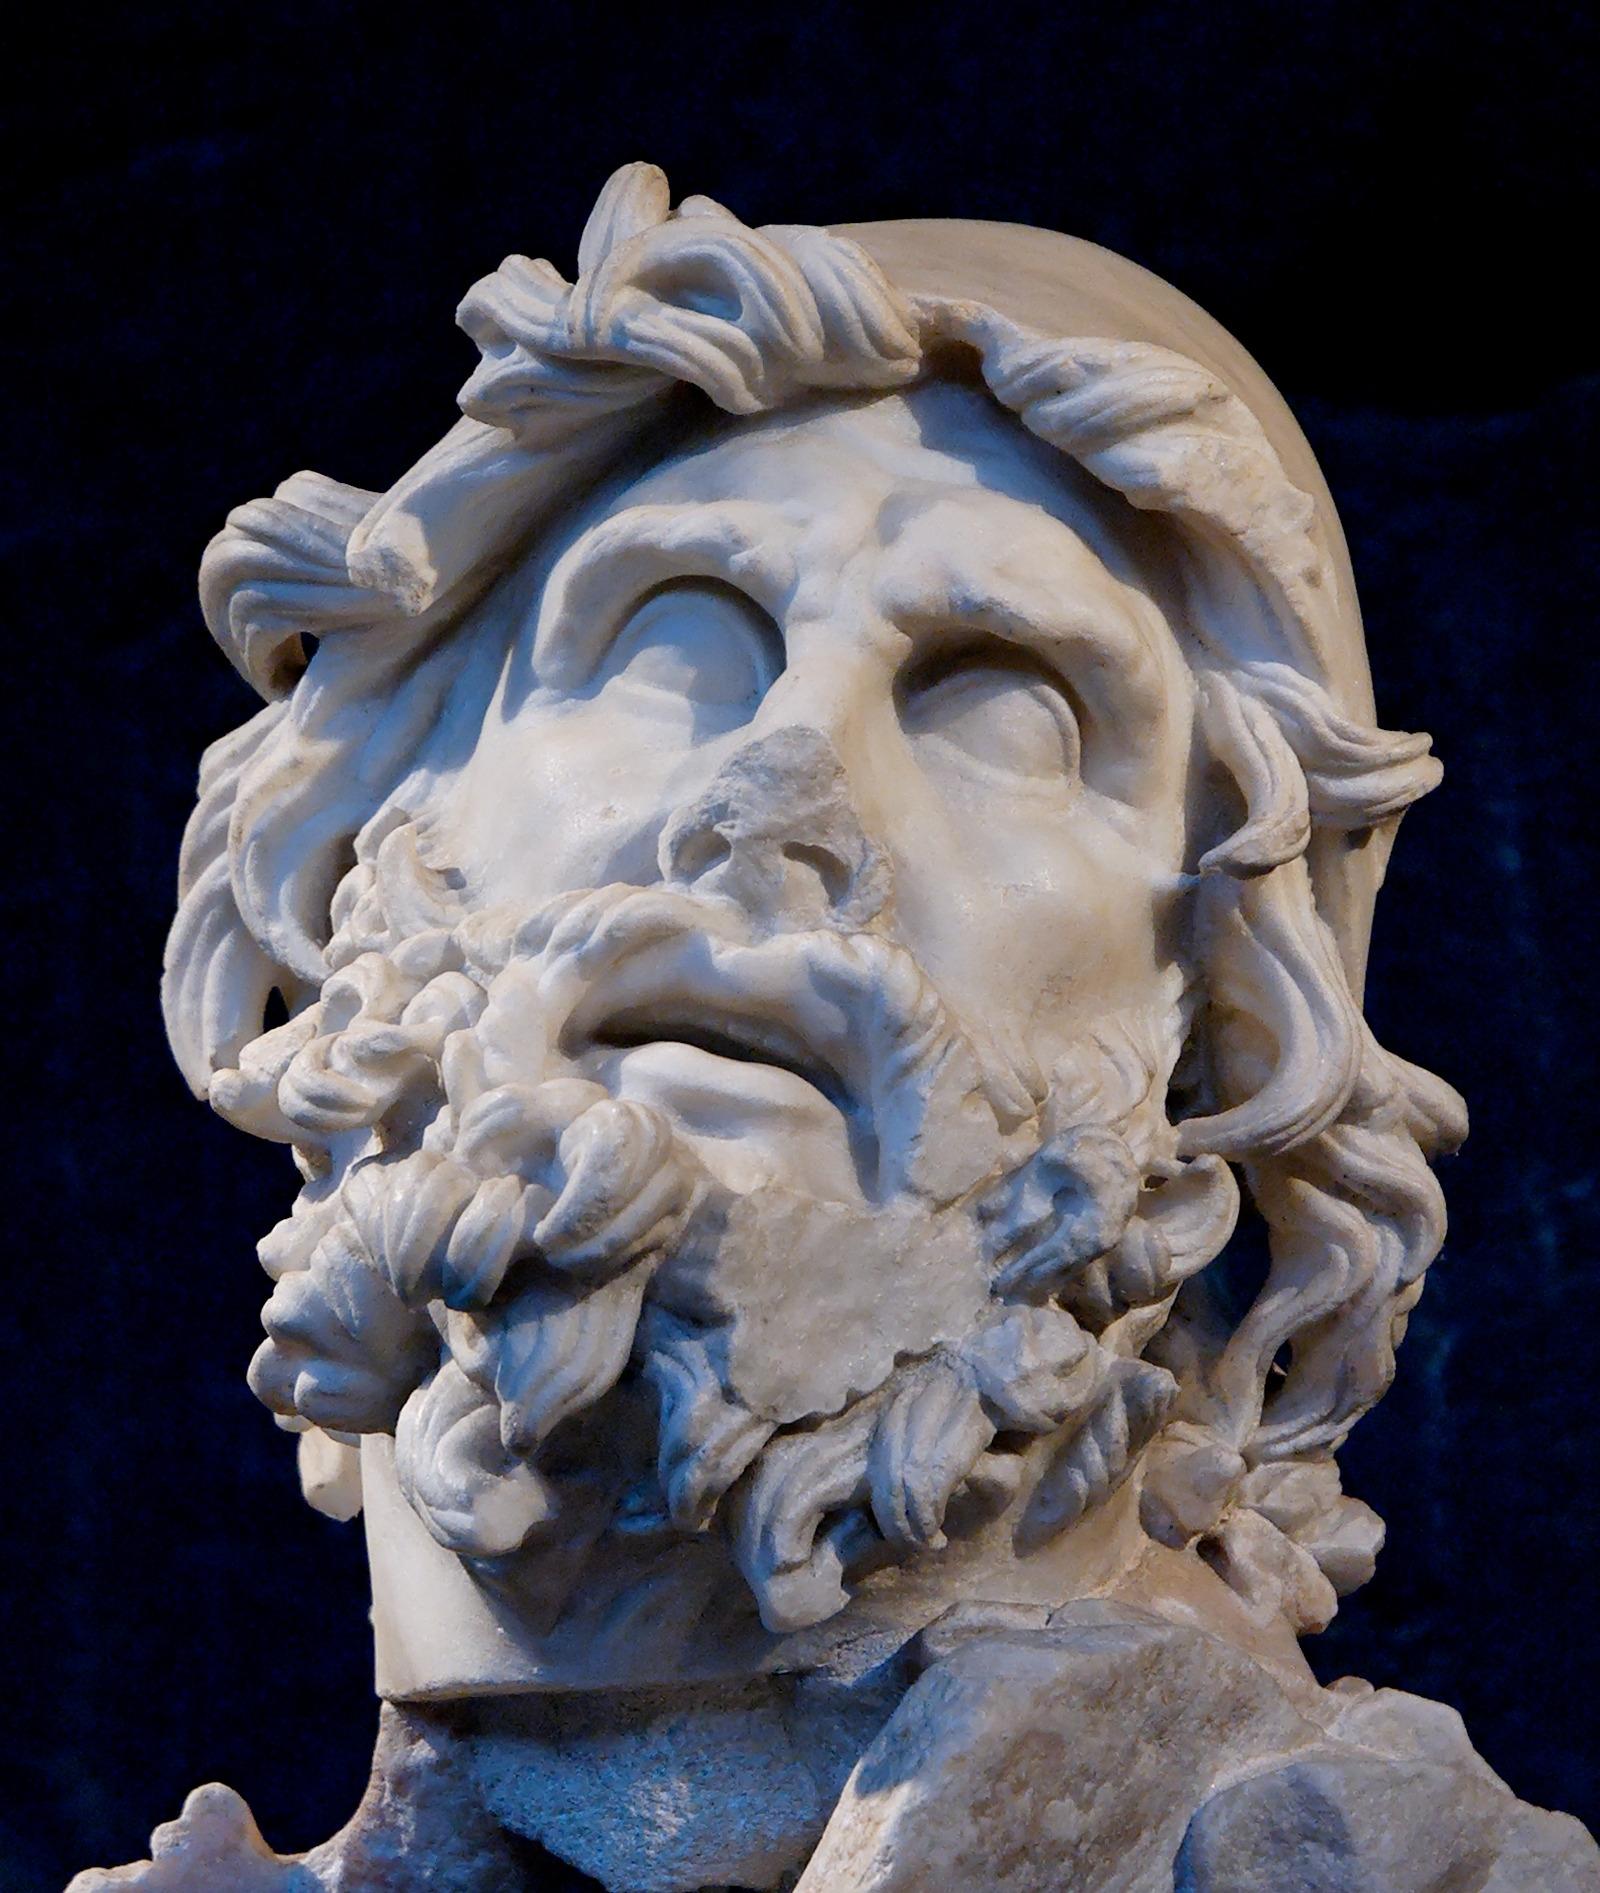 La Sindrome di Ulisse